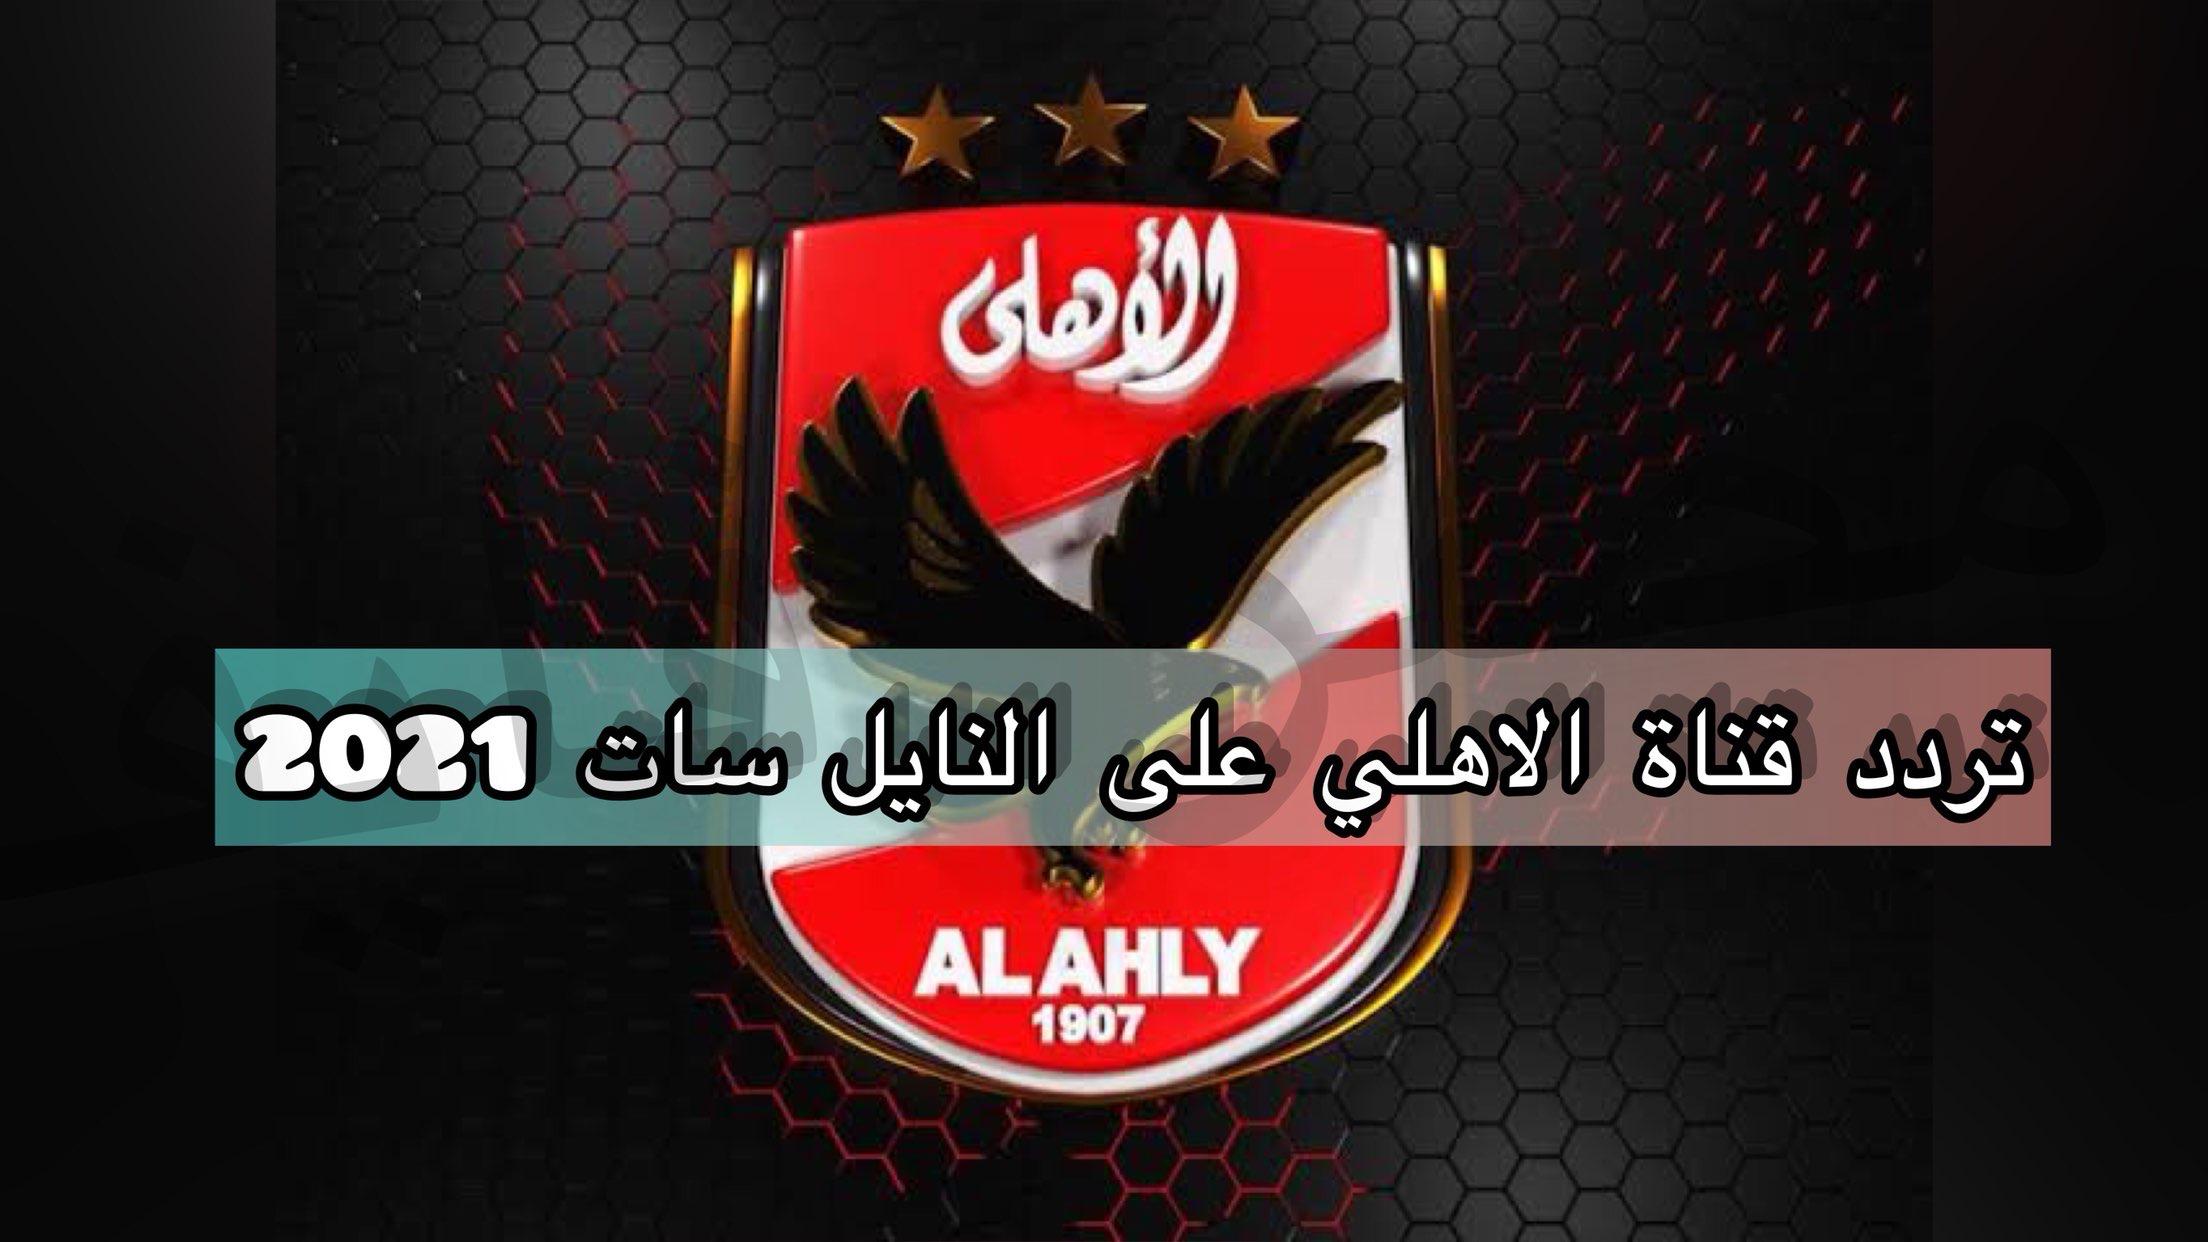 اضبط تردد قناة الاهلي على NileSat وتابع آخر اخبار الاحمر 2021